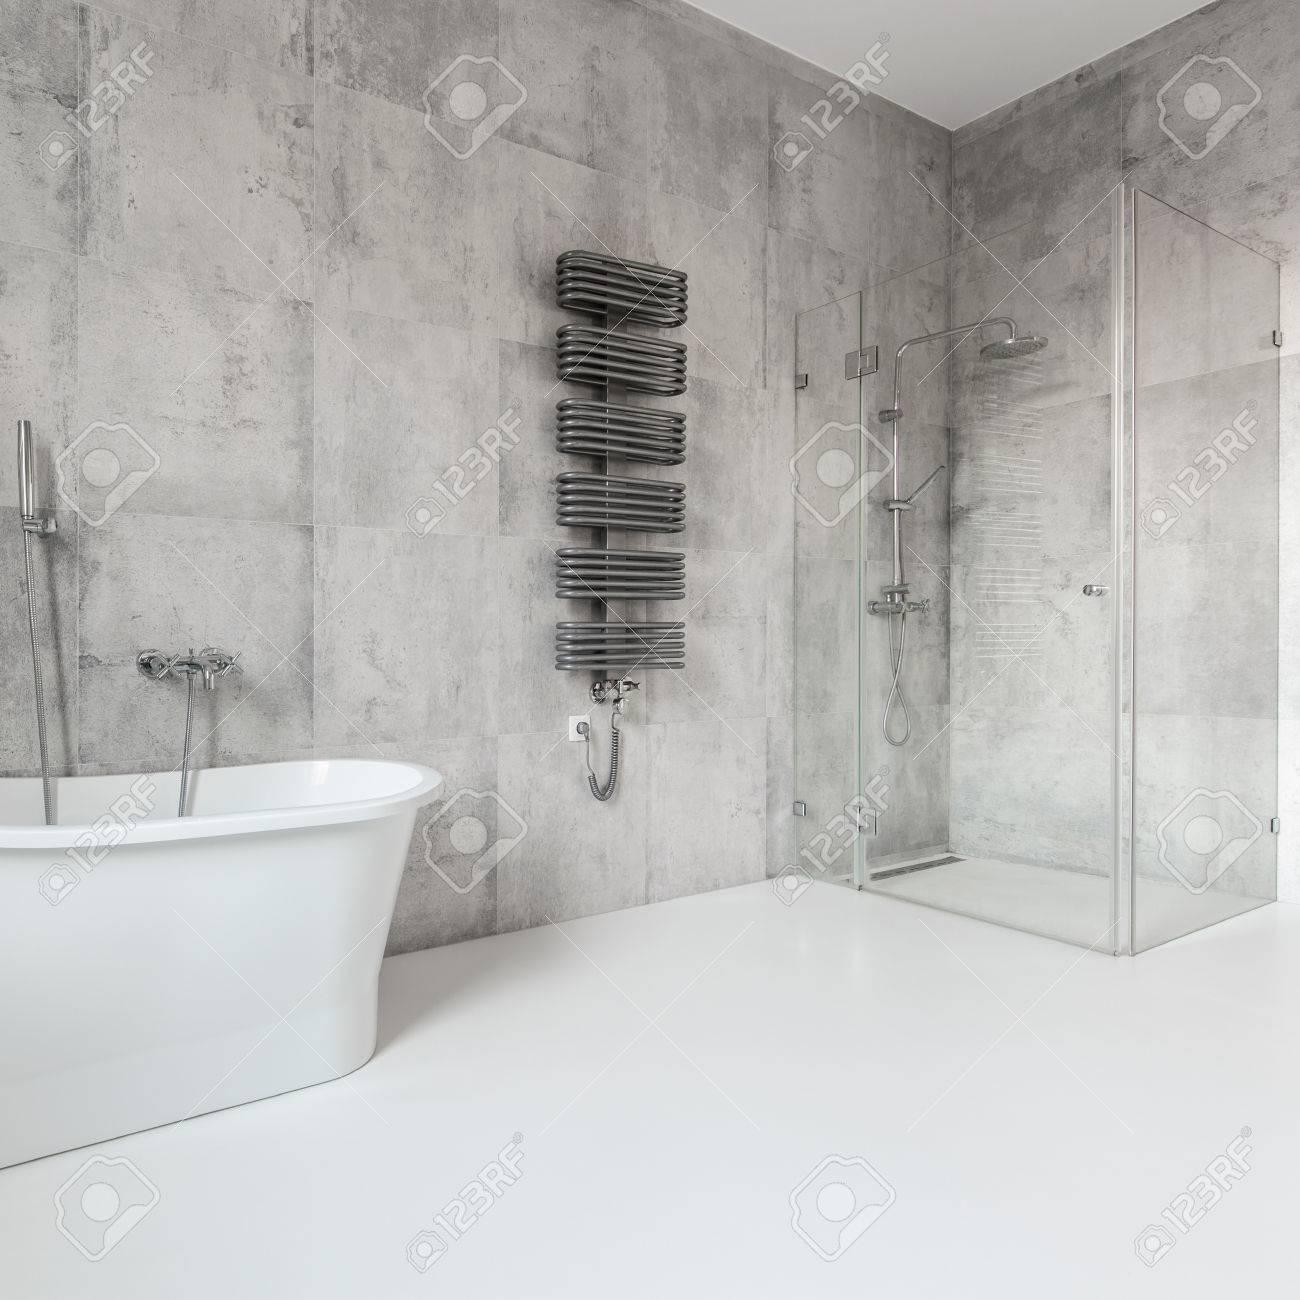 Grosses Und Modernes Badezimmer Im Modernen Haus Im Skandinavischen Stil Lizenzfreie Fotos Bilder Und Stock Fotografie Image 79458303